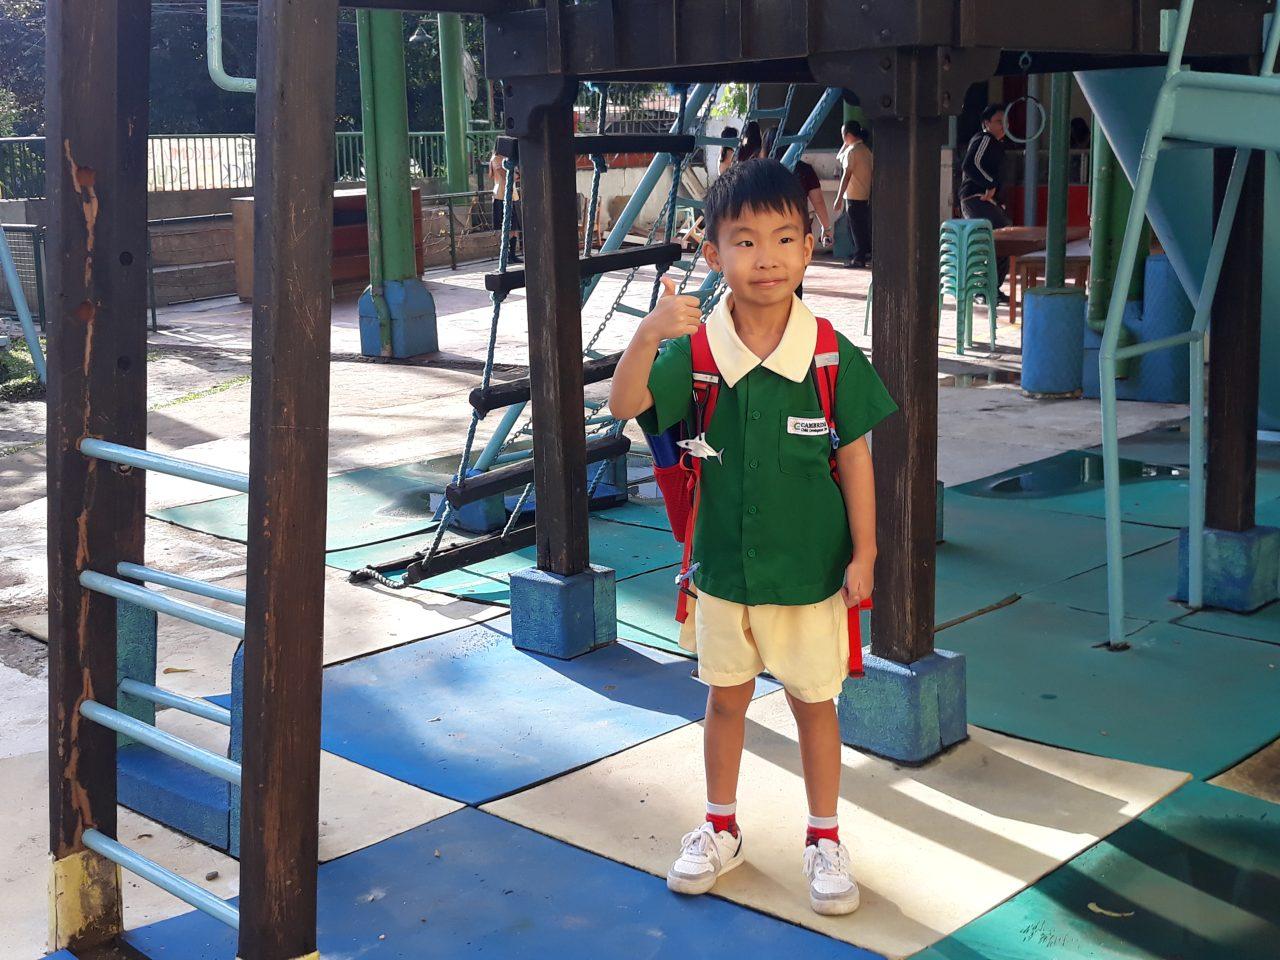 セブ島のインターナショナル幼稚園と息子